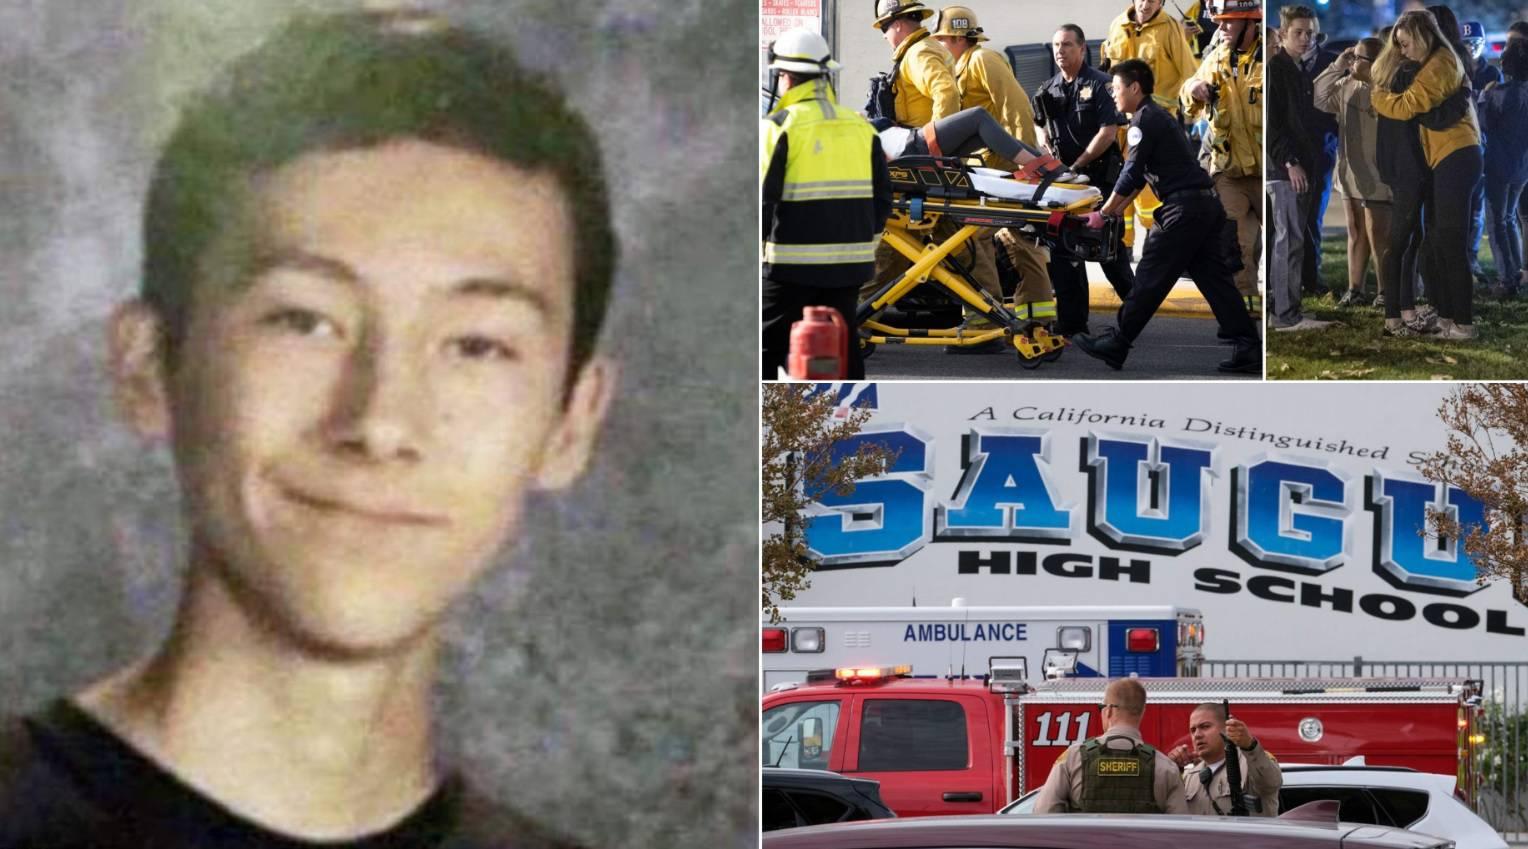 Napad najavio na Instagramu? U 16 sekundi ubio dva učenika